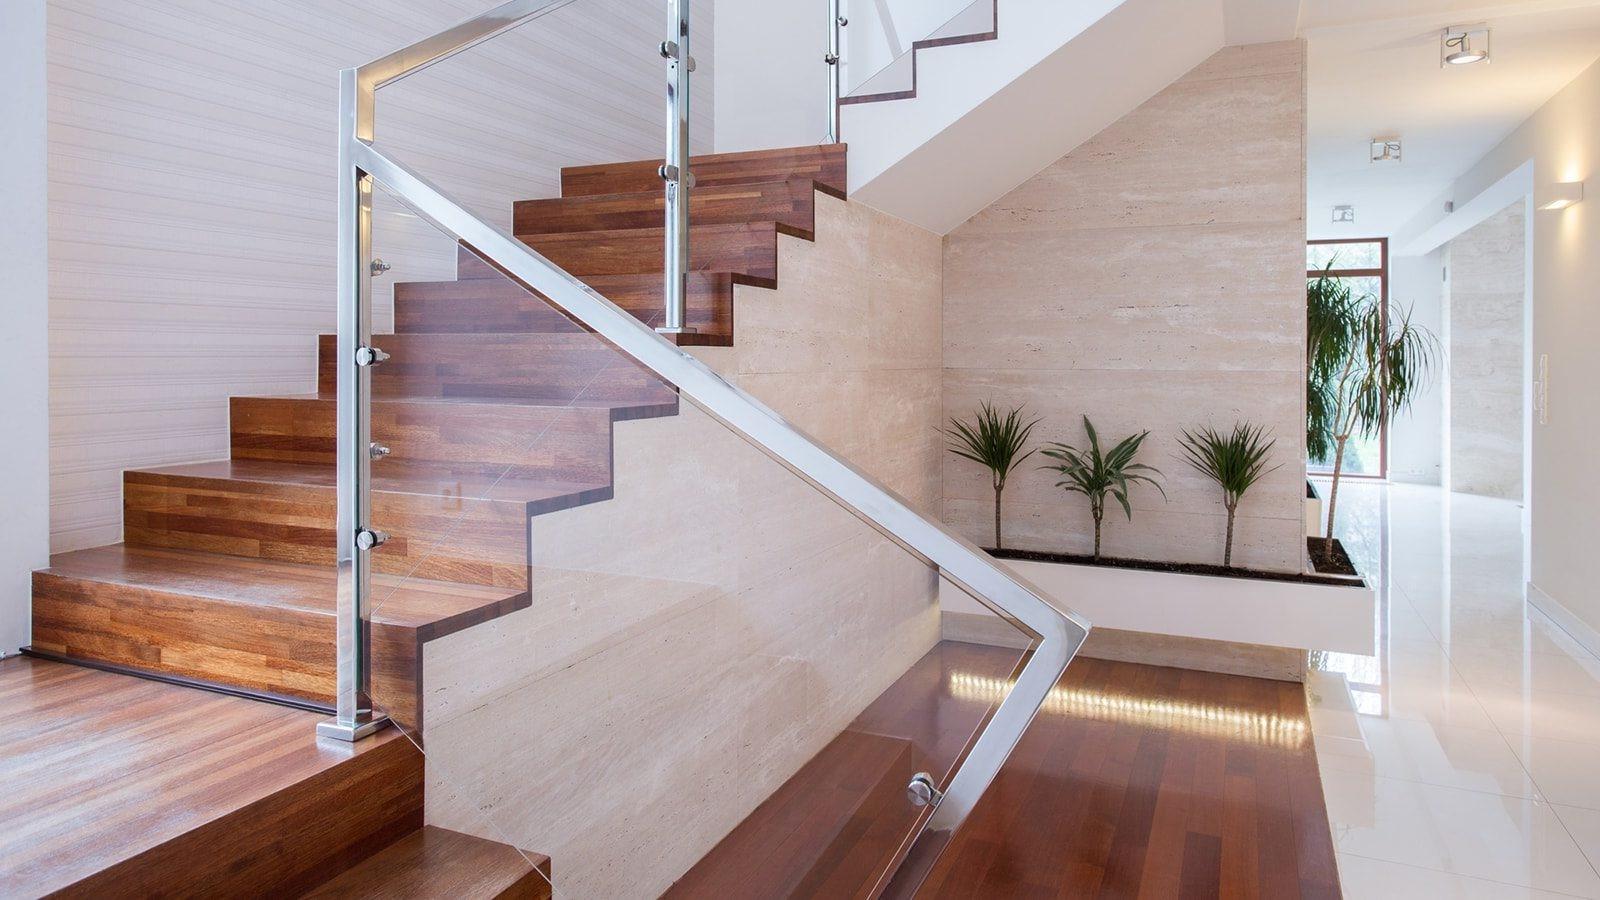 Prendre soin du bois est une étape importante de la modernisation d'un escalier en bois.